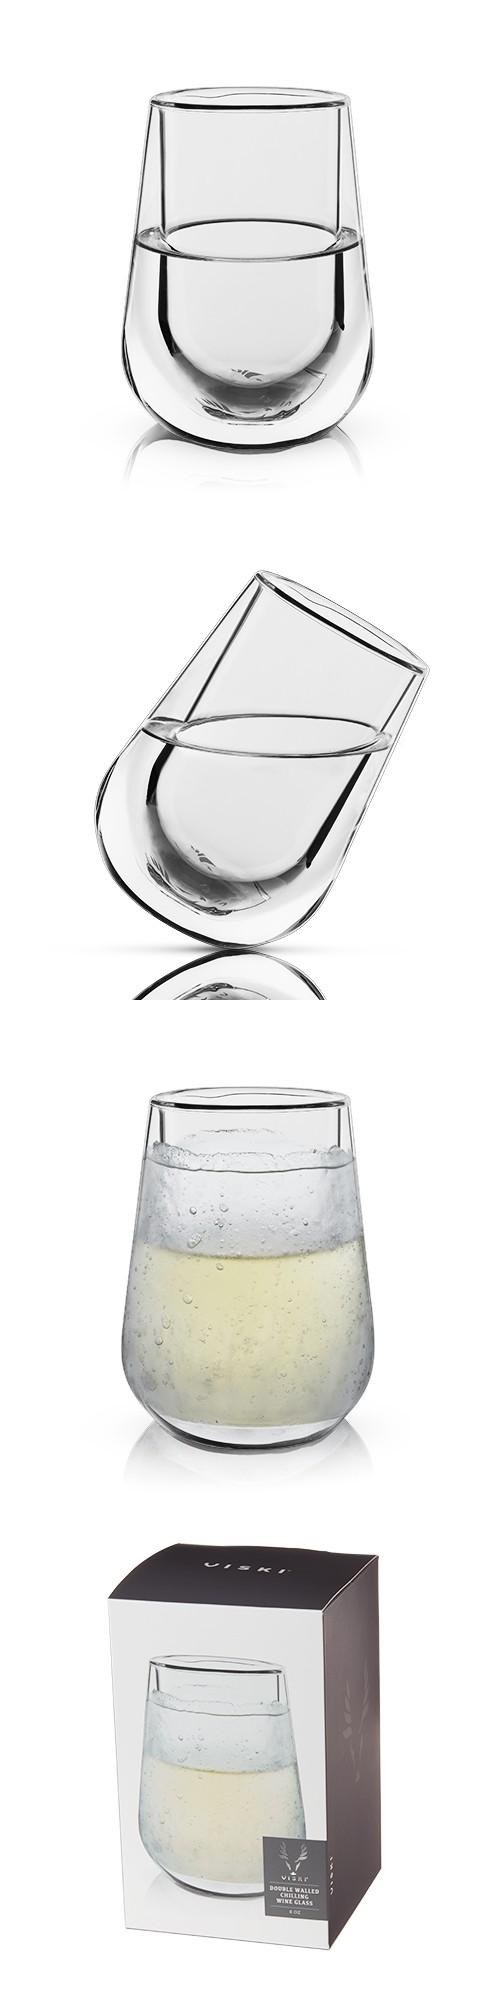 Raye™ Double-Walled Chilling Wine Glass by VISKI